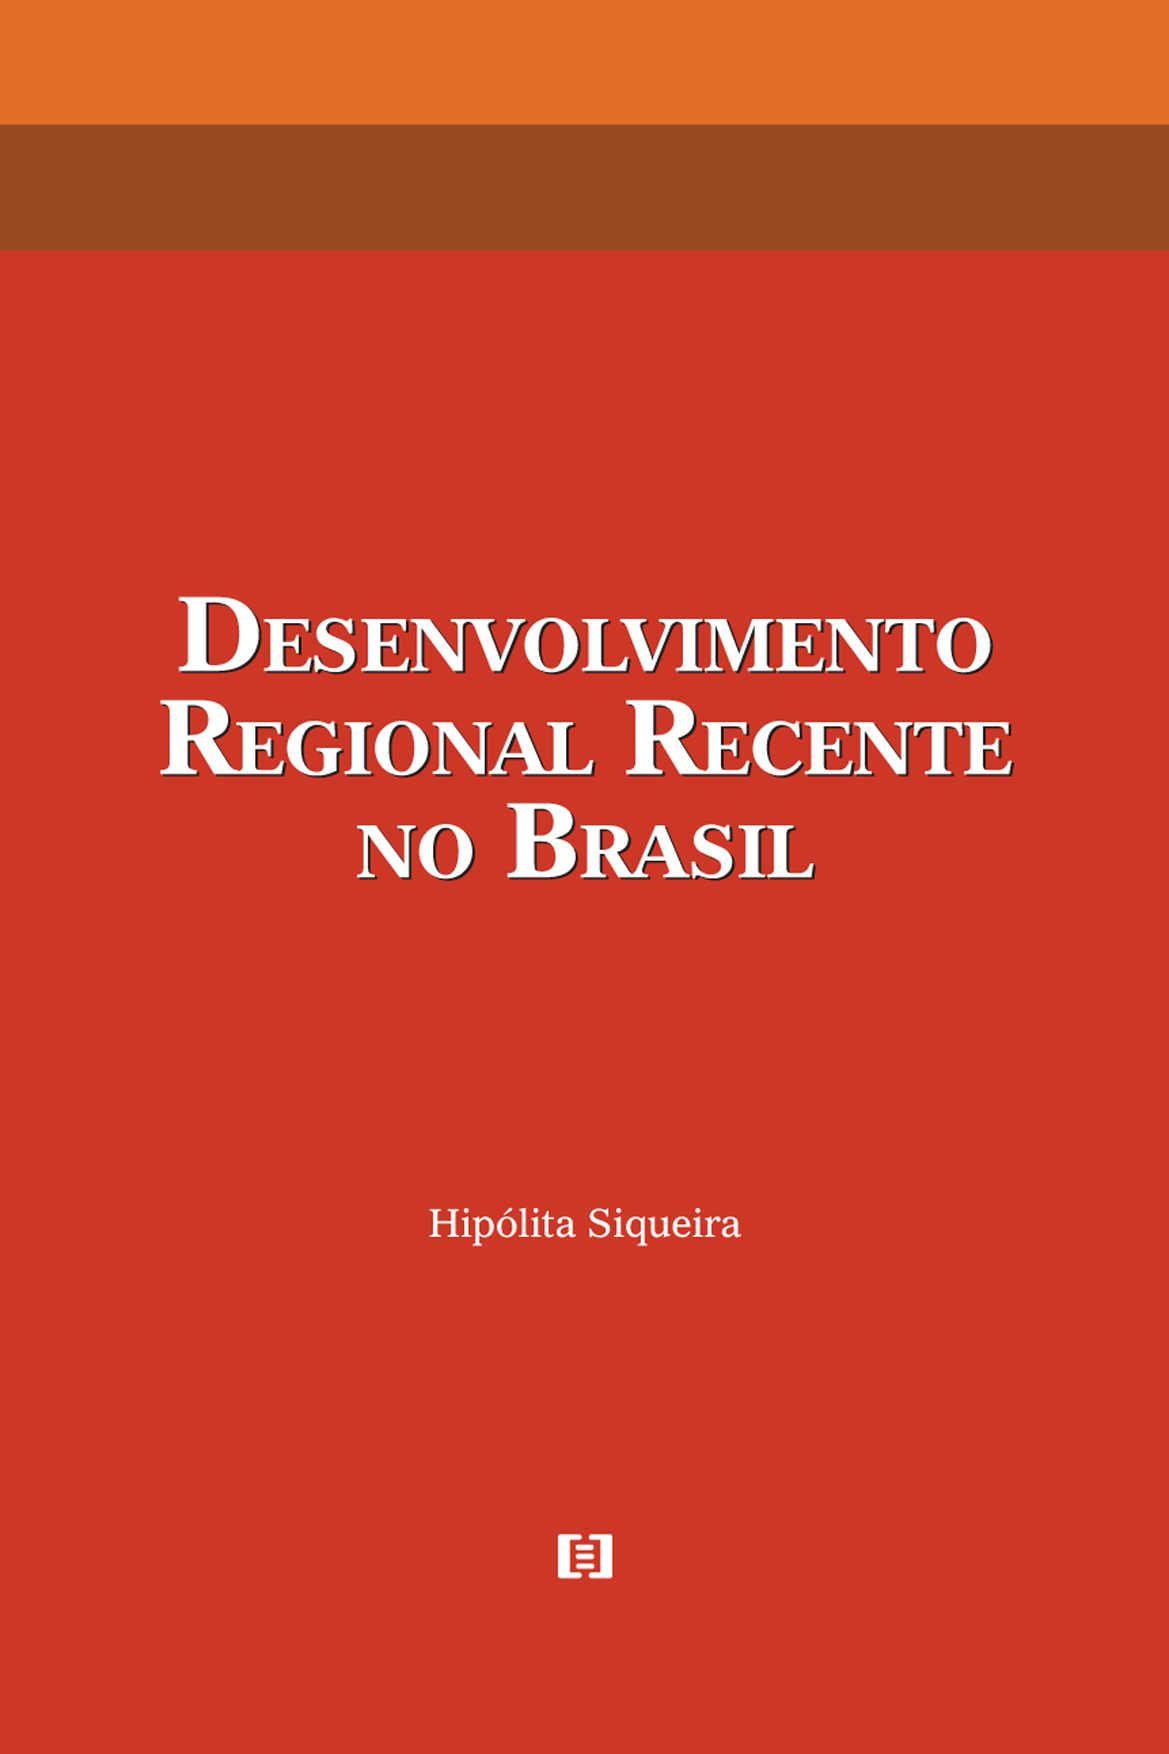 Desenvolvimento regional recente no Brasil